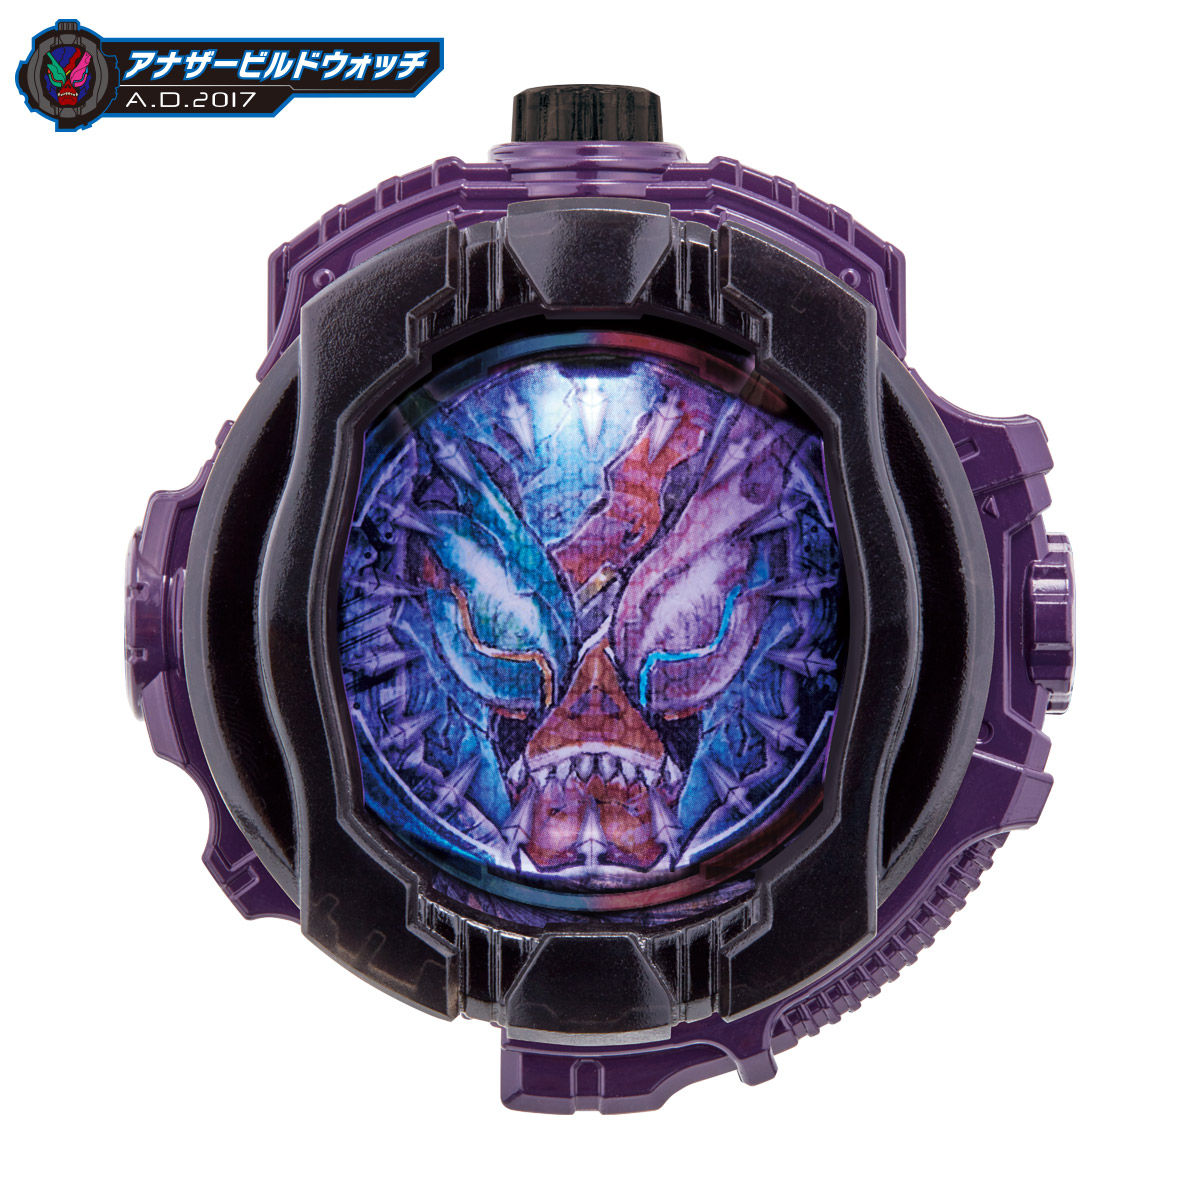 仮面ライダージオウ『DXアナザーウォッチセット』変身なりきり-005